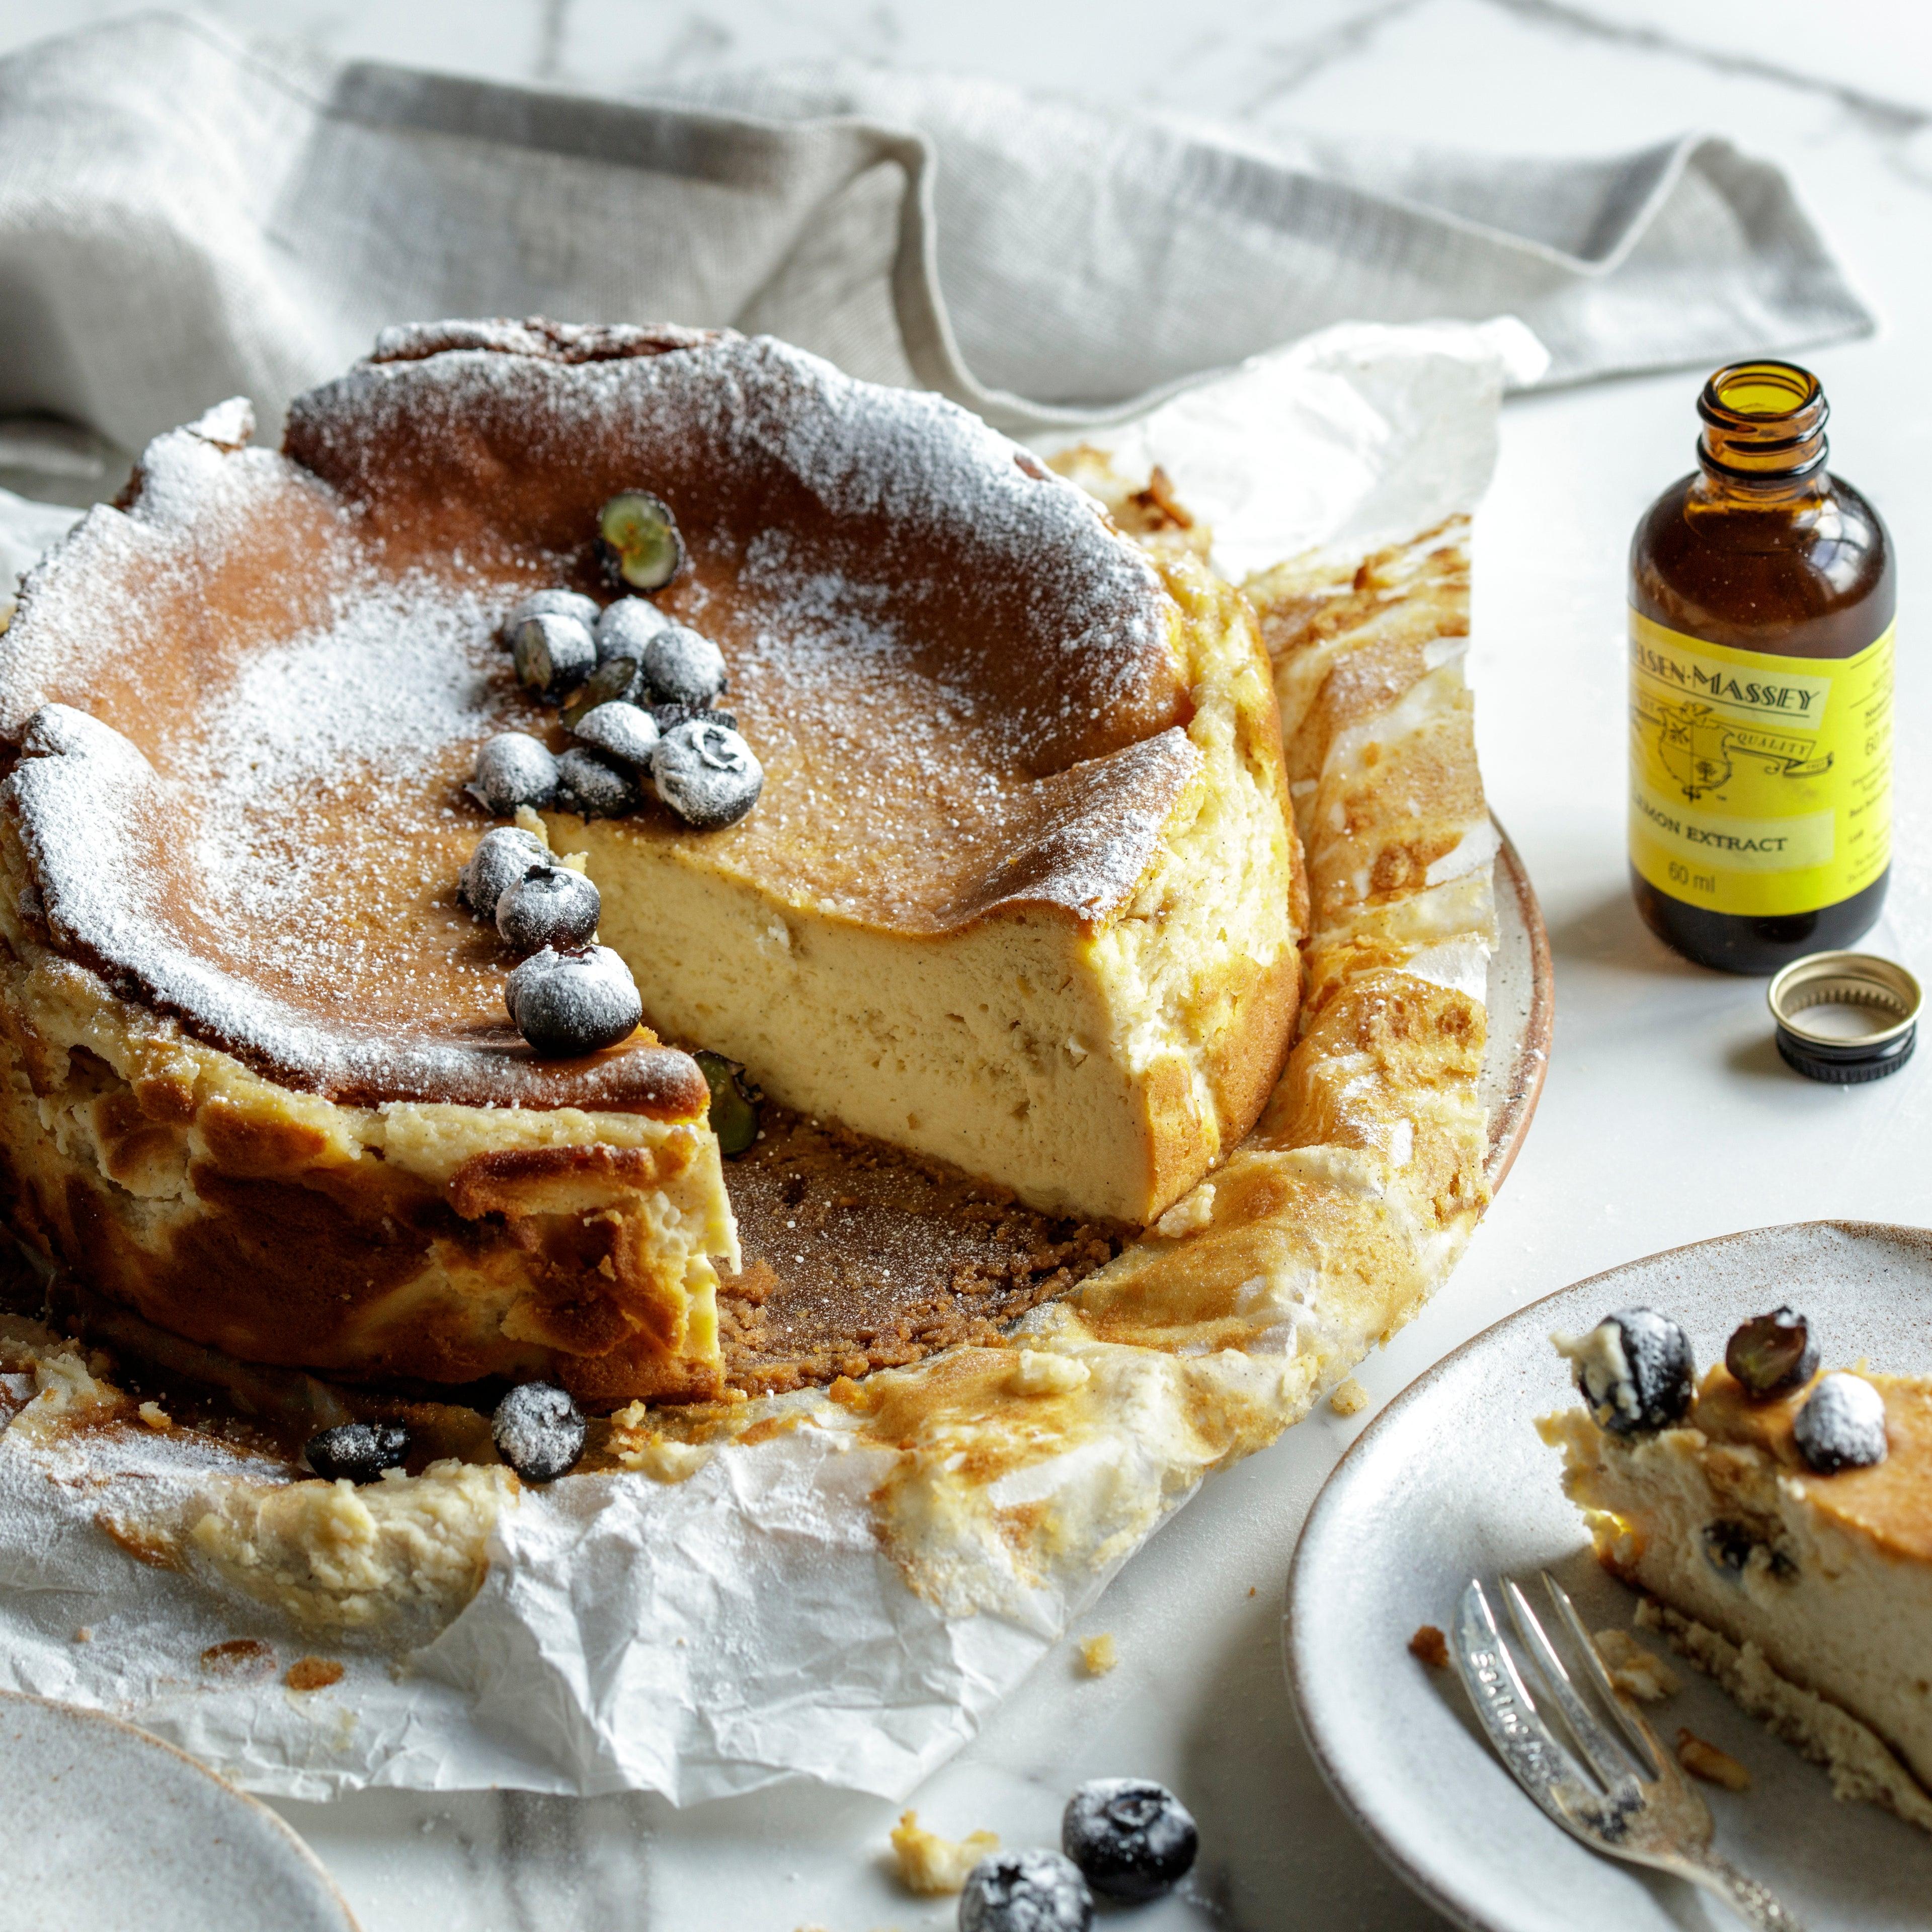 Baked-Lemon-Cheesecake-(1)_1.jpg